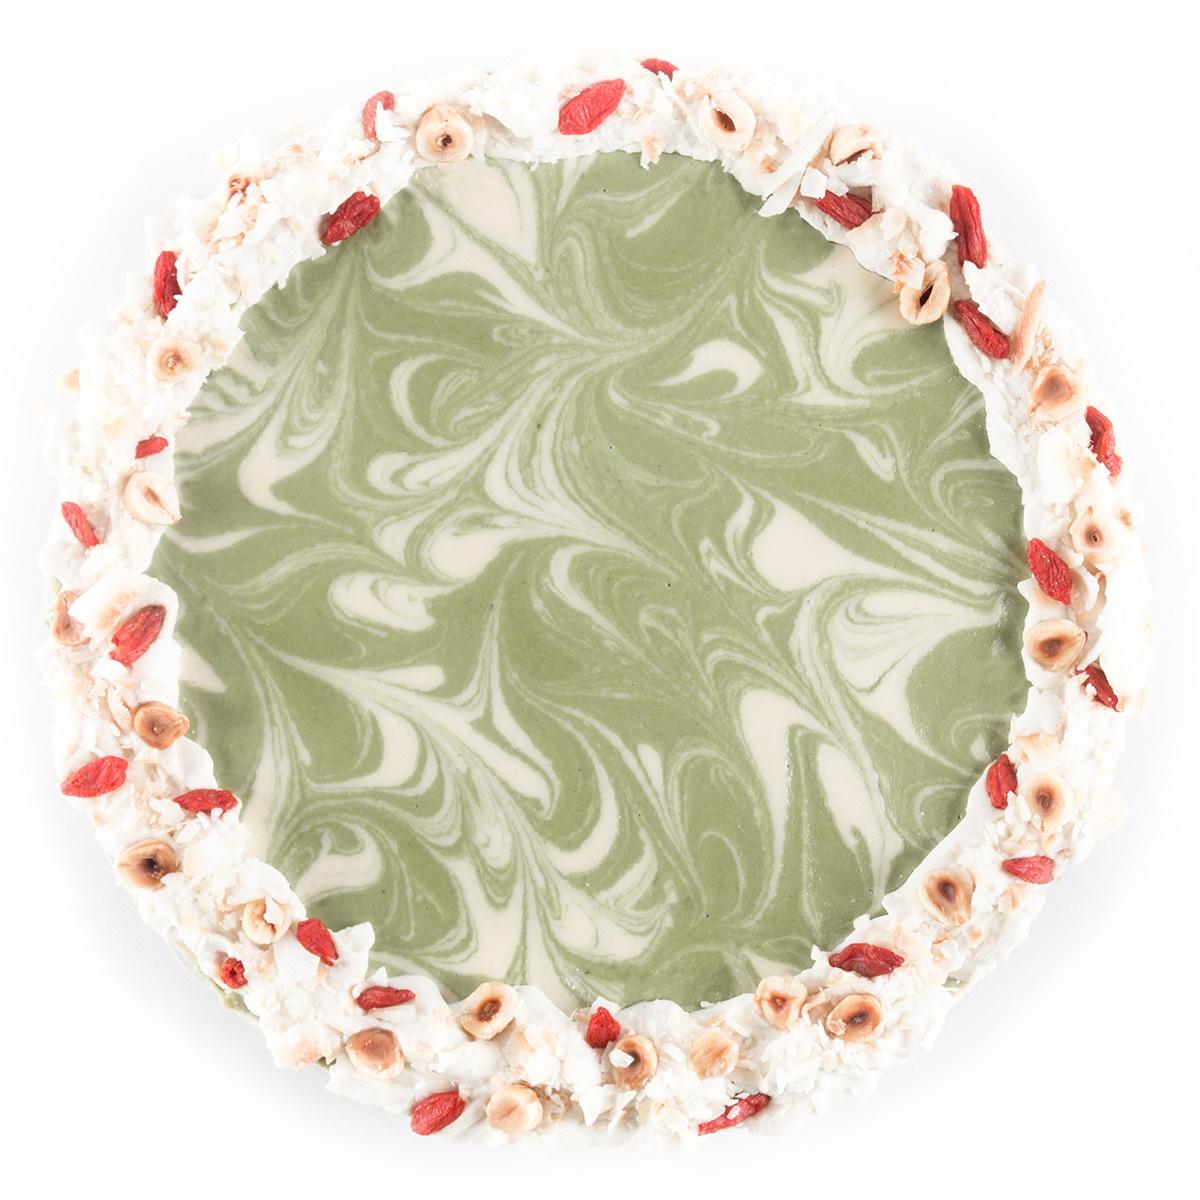 Naomi - Weelderige Matcha yoghurttaart